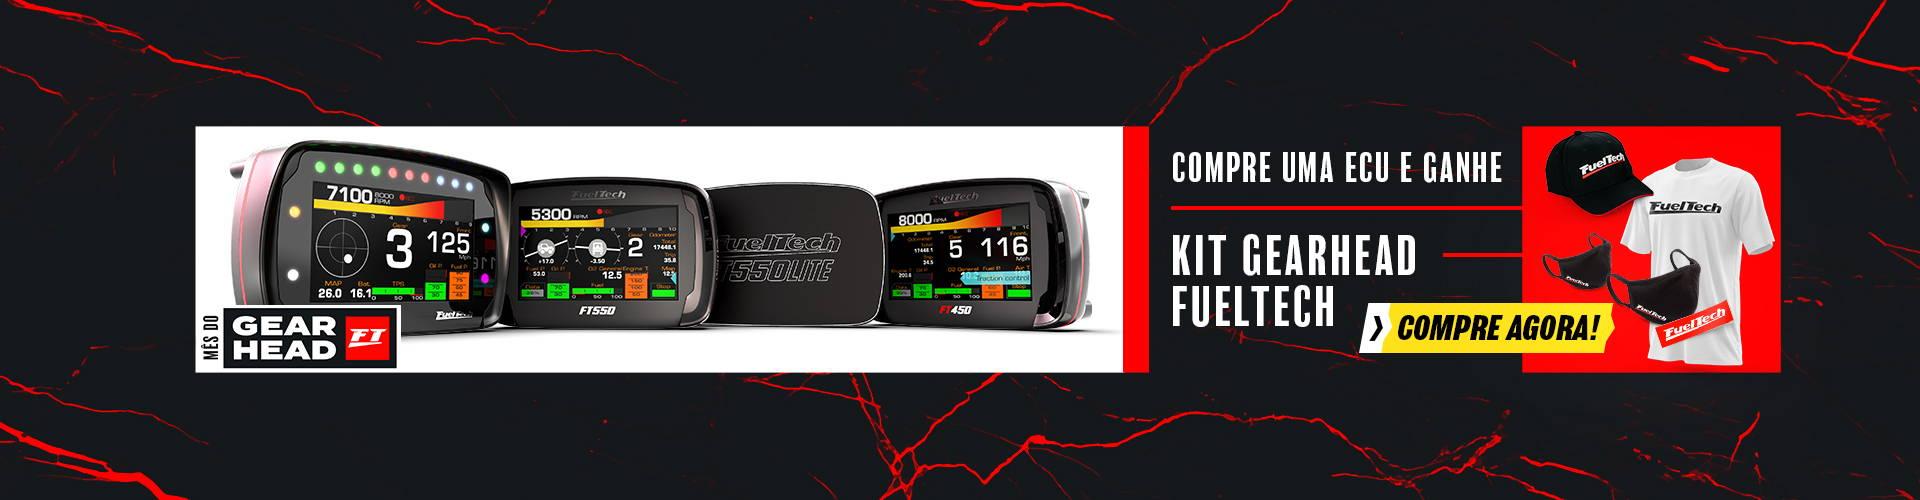 Compre uma ECU e ganhe um kit gearhead fuel tech no mês de setembro